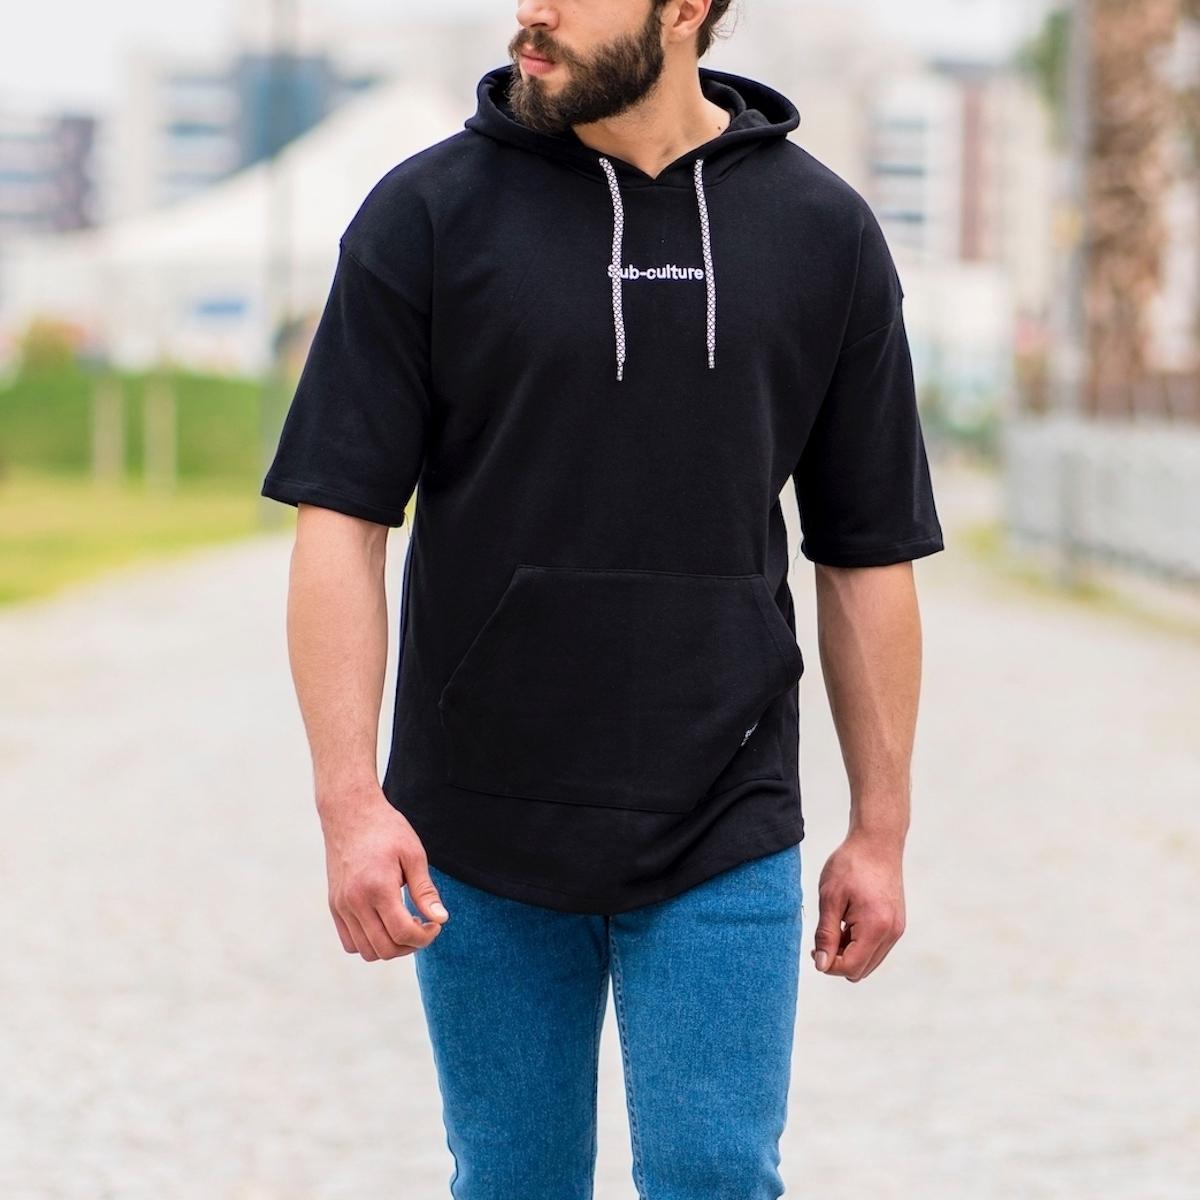 Erkek Ön Cepli Sub-Culture Yazı Detaylı Tişört Siyah